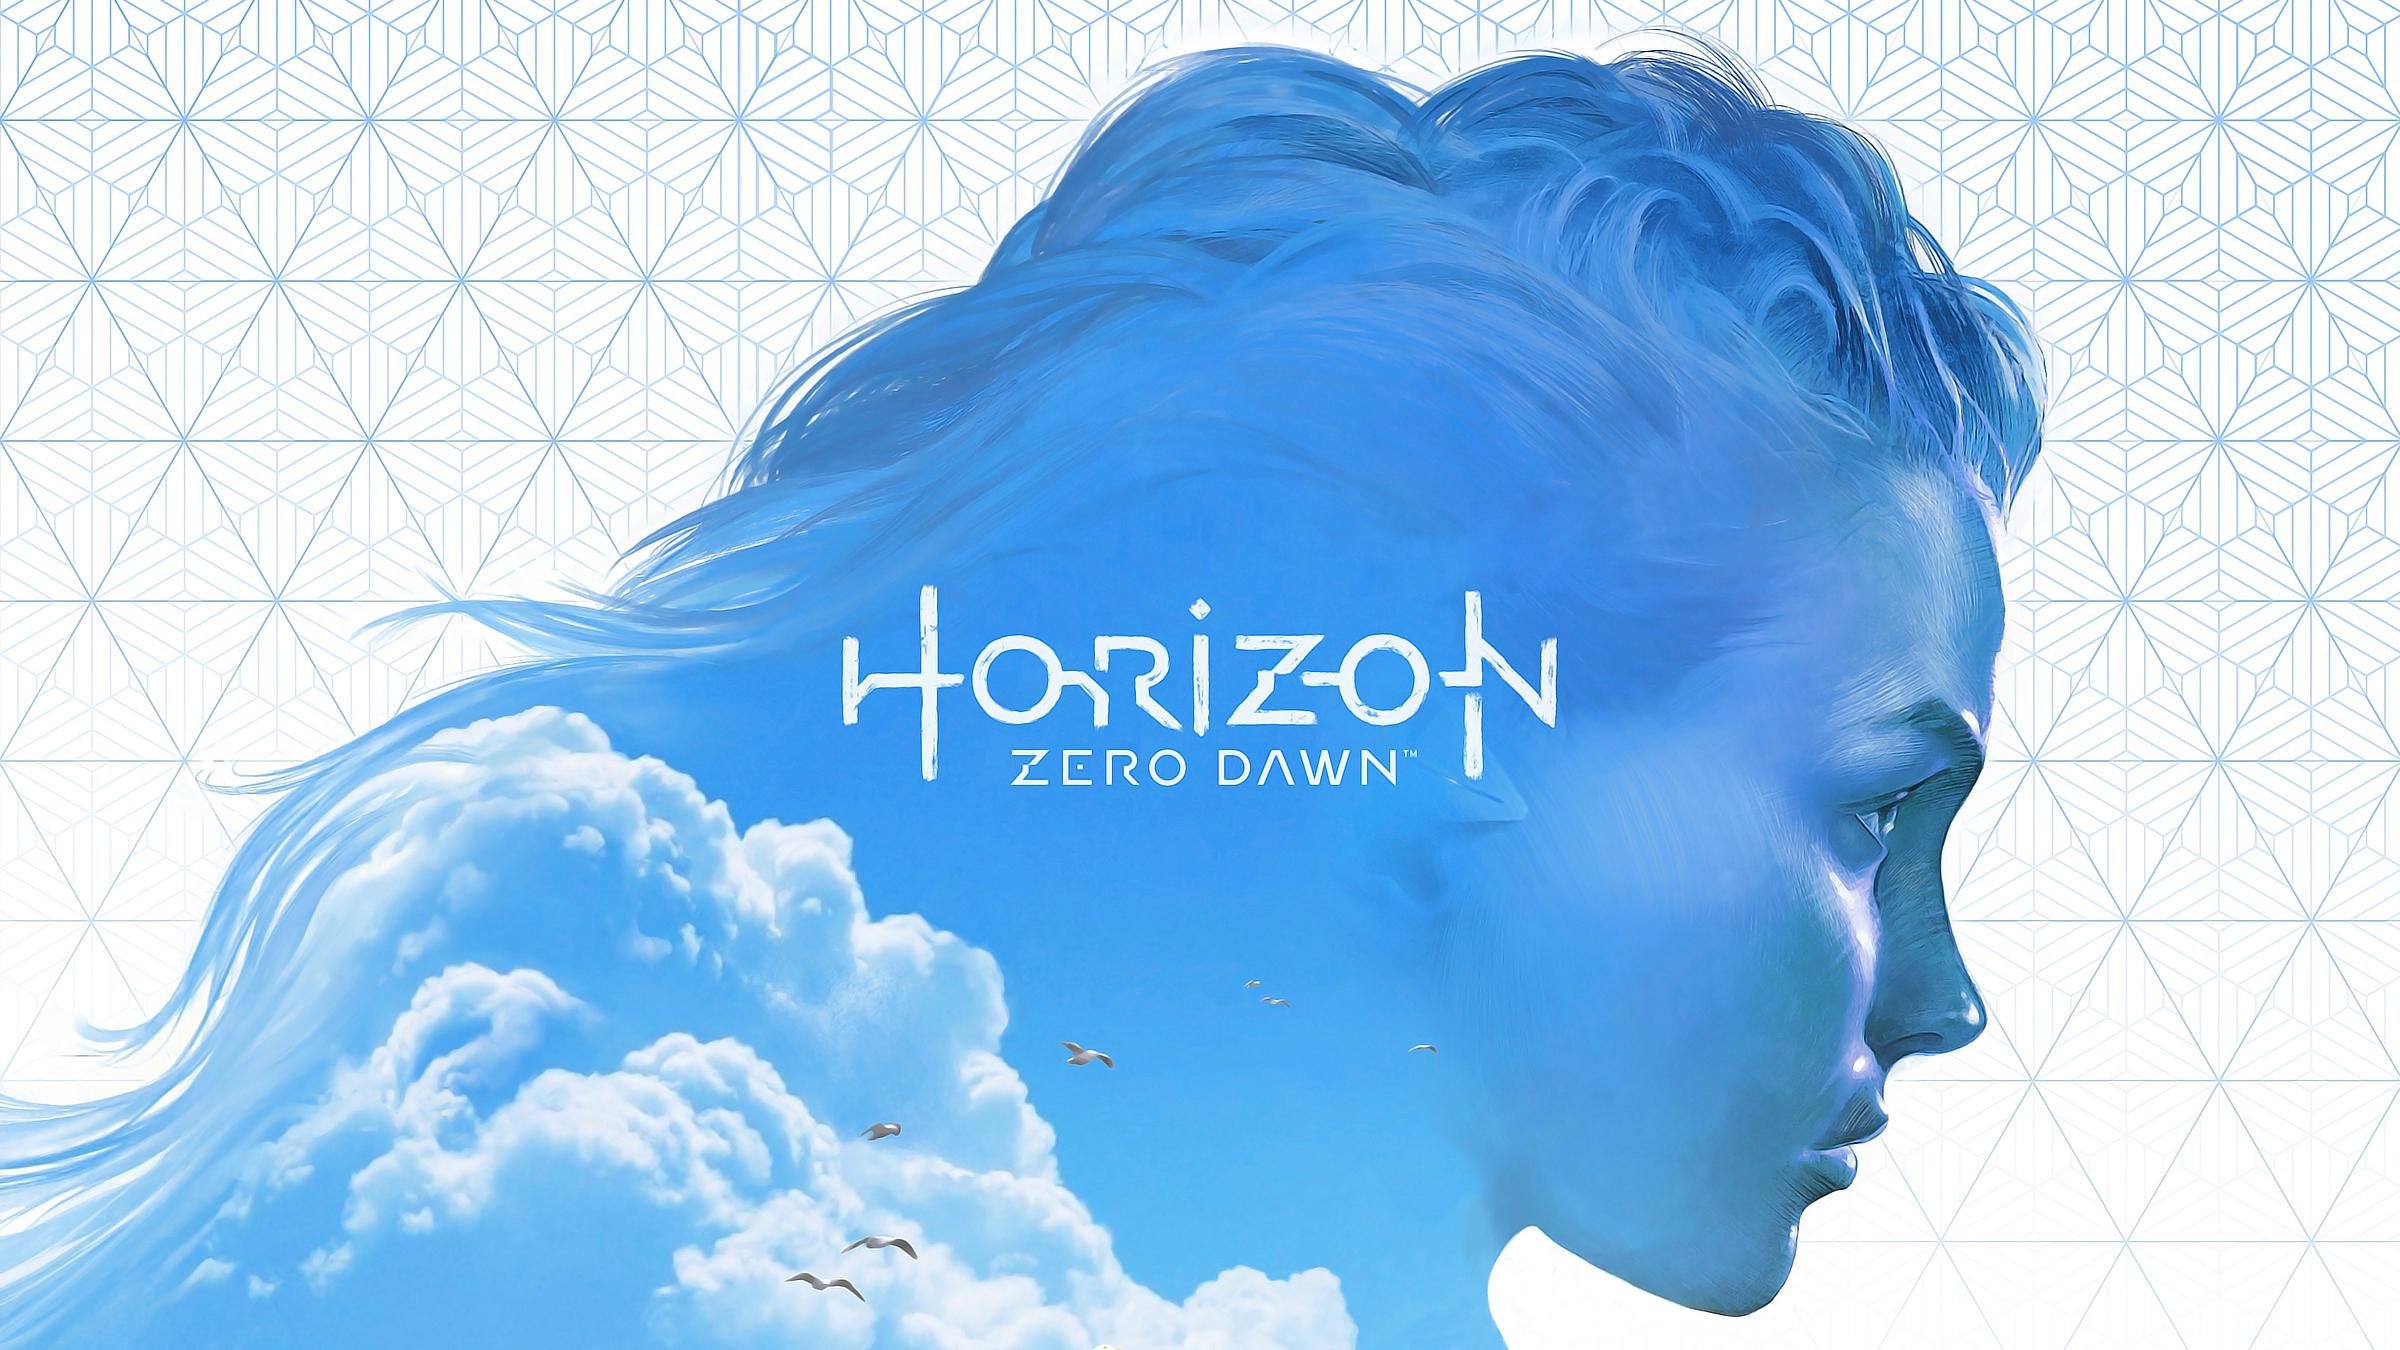 اکانت اریجینال/قانونی بازی Horizon Zero Dawn Complete Edition برای پلی استیشن/PS4